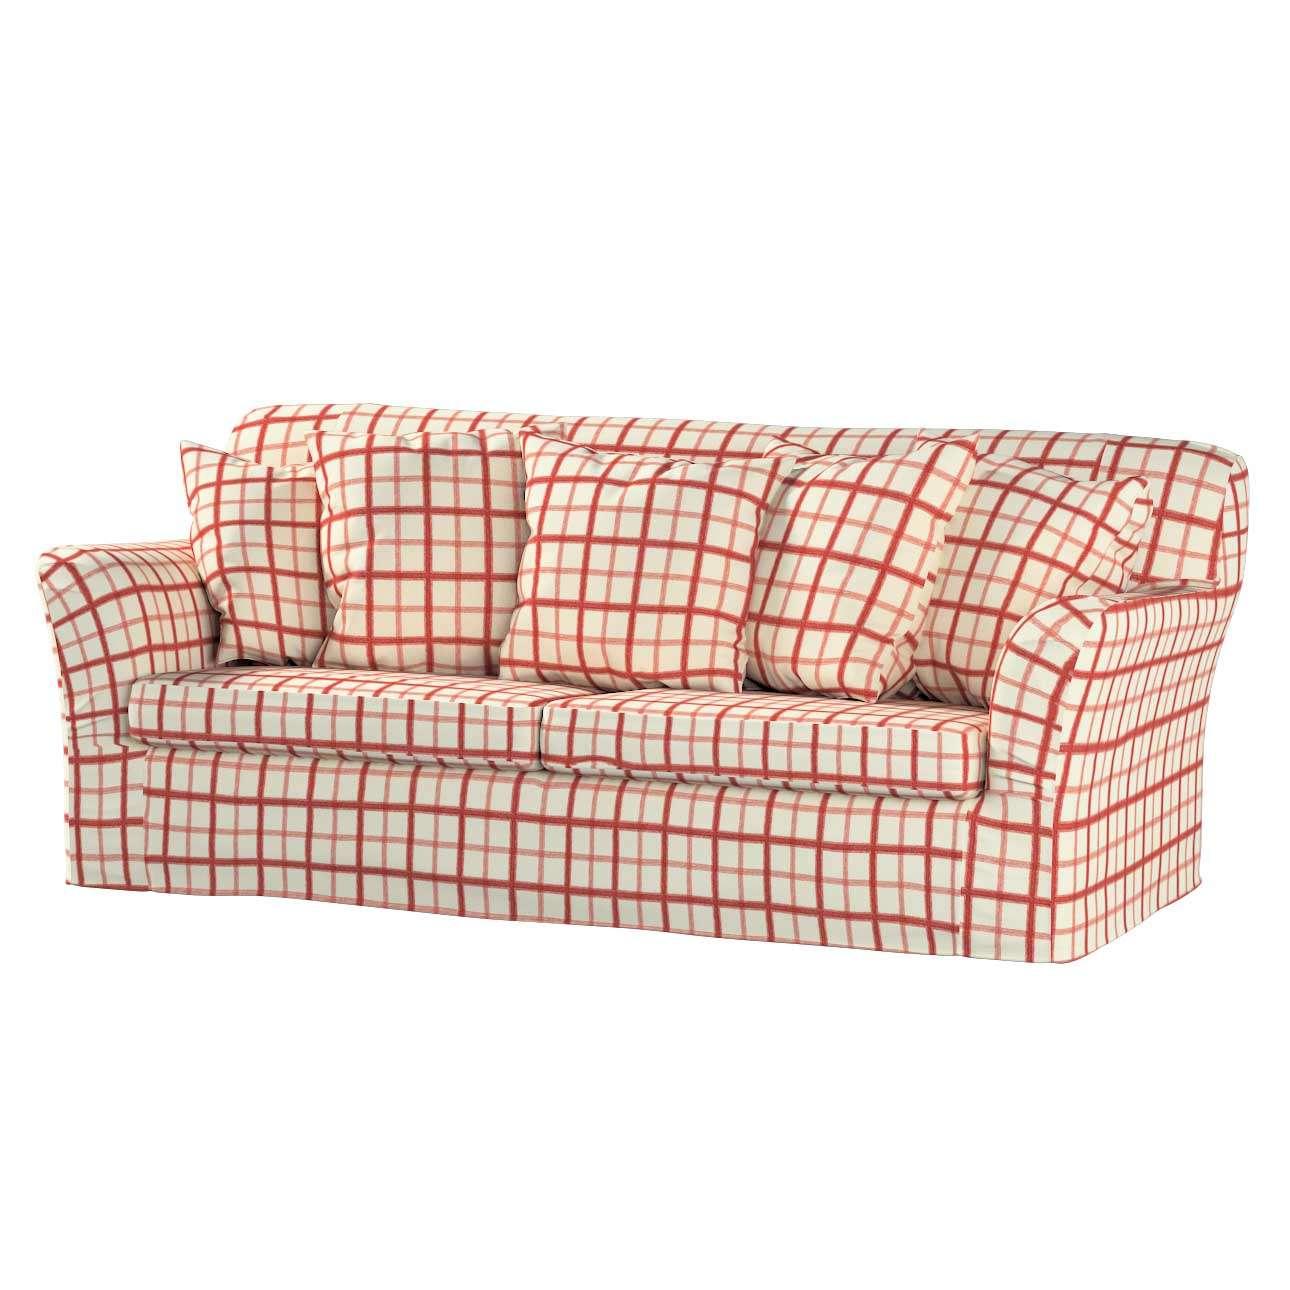 Pokrowiec na sofę Tomelilla rozkładaną Sofa Tomelilla rozkładana w kolekcji Avinon, tkanina: 131-15